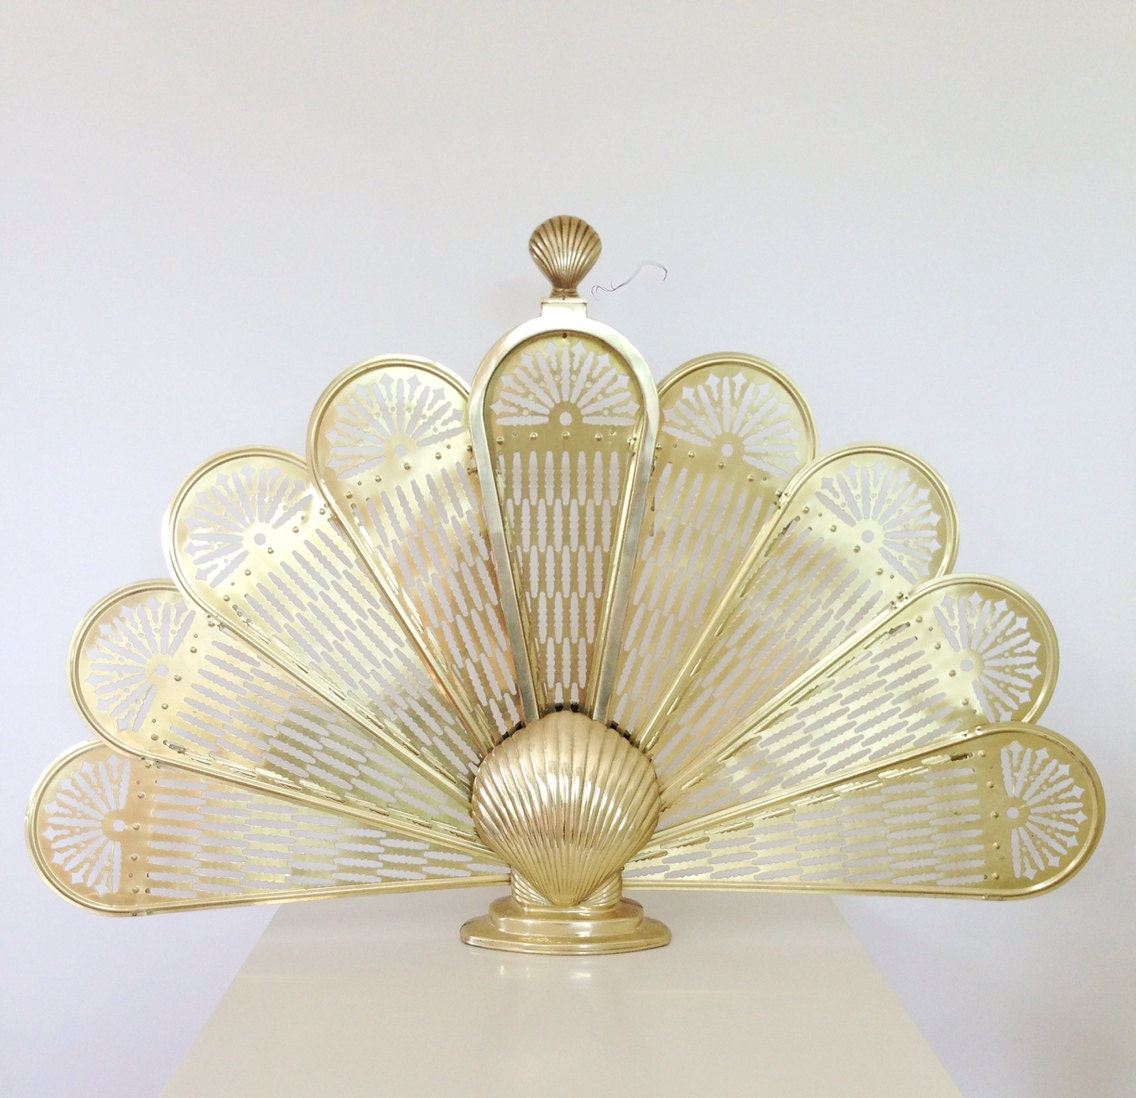 Vintage Brass Fireplace Screen Scallop Shell Fan By